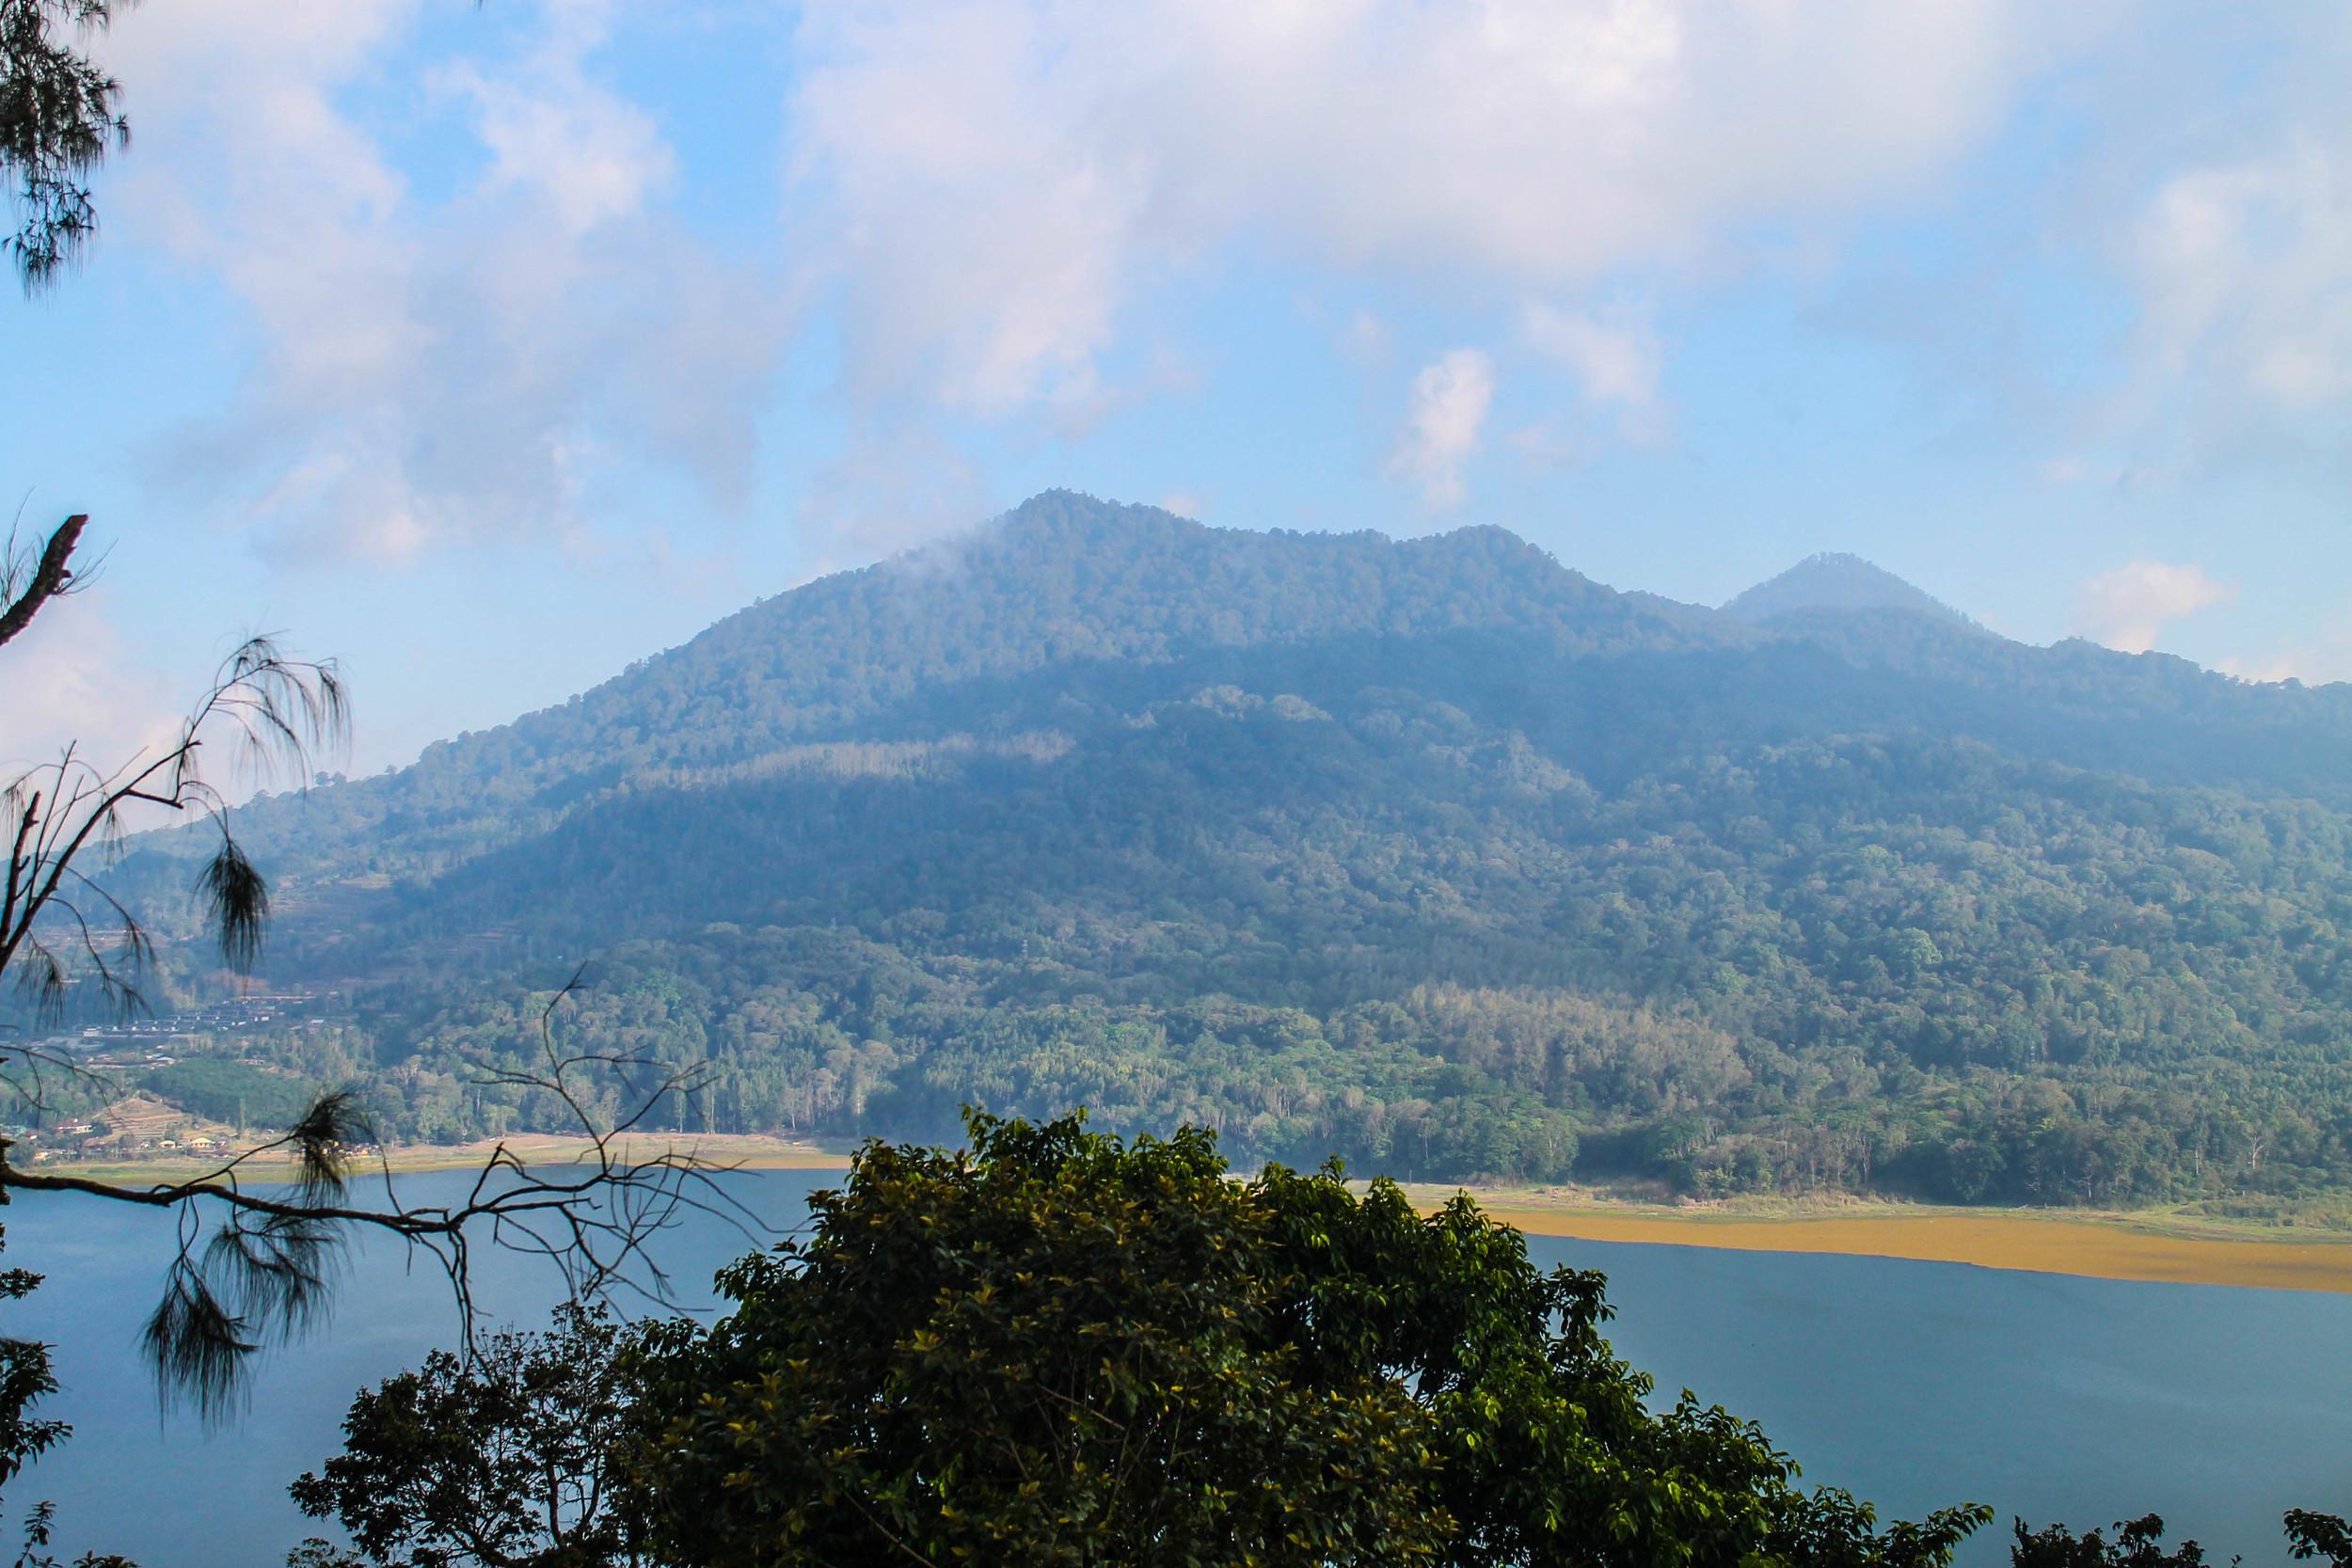 bali-mountain-lake